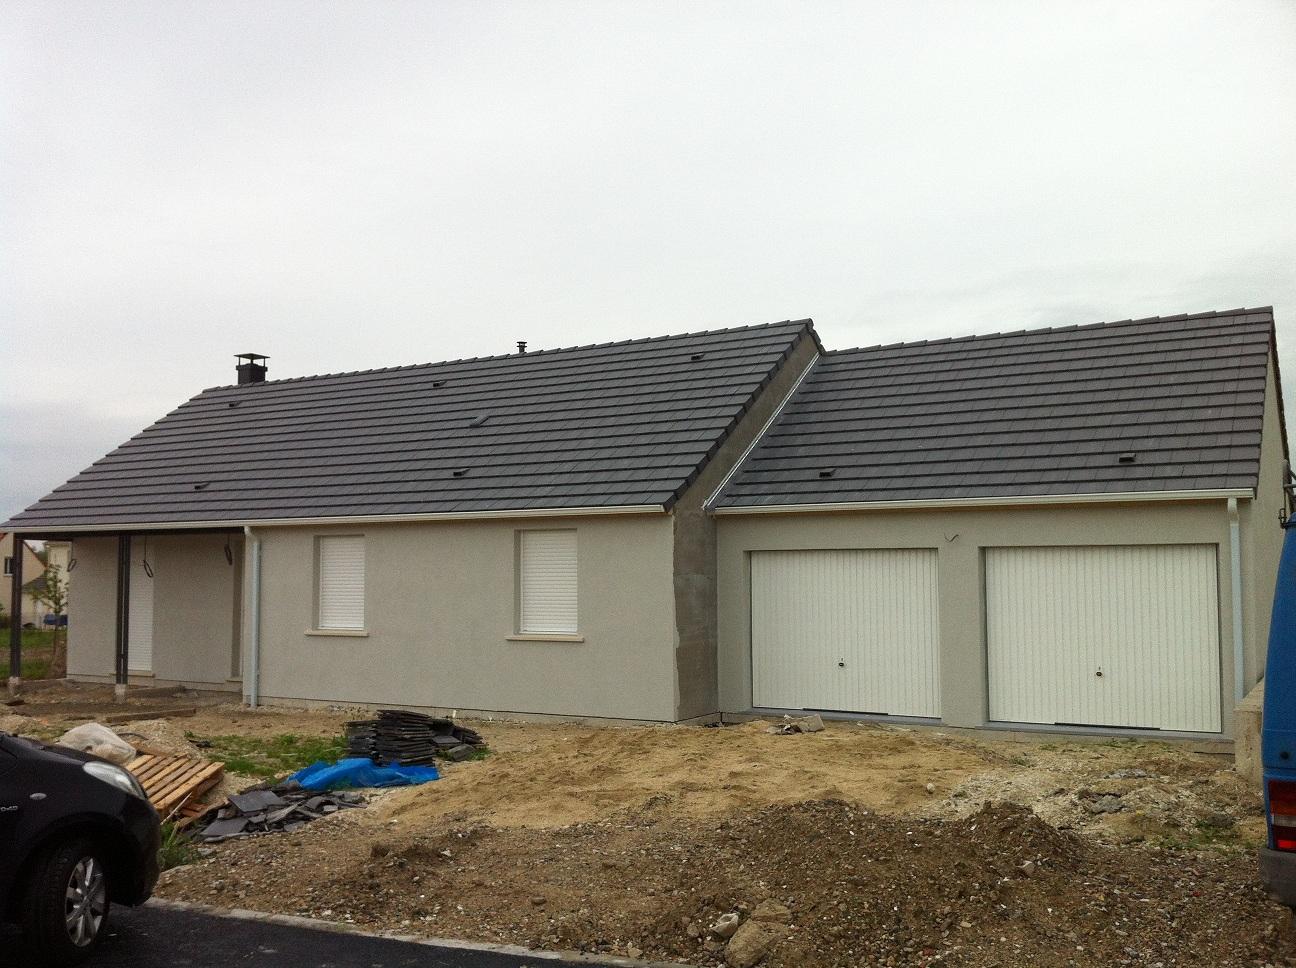 Maison crepis gris belle maison sur 2 niveaux de style for Maison menuiserie gris anthracite